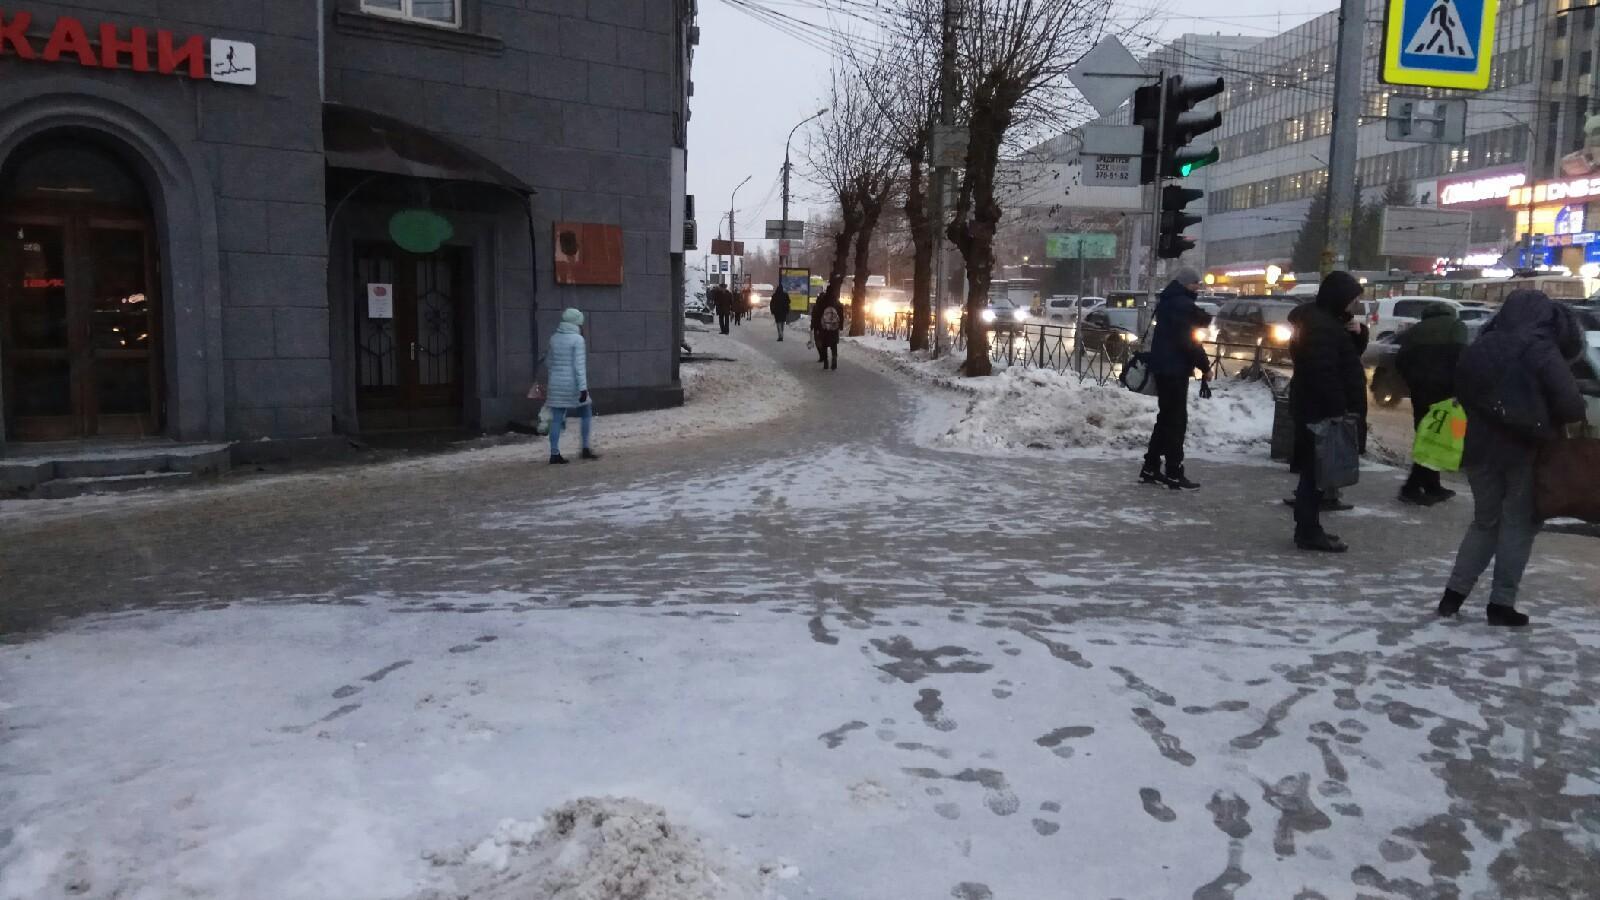 фото Горшочек, не вари: дороги Новосибирска превратились в кашу 5